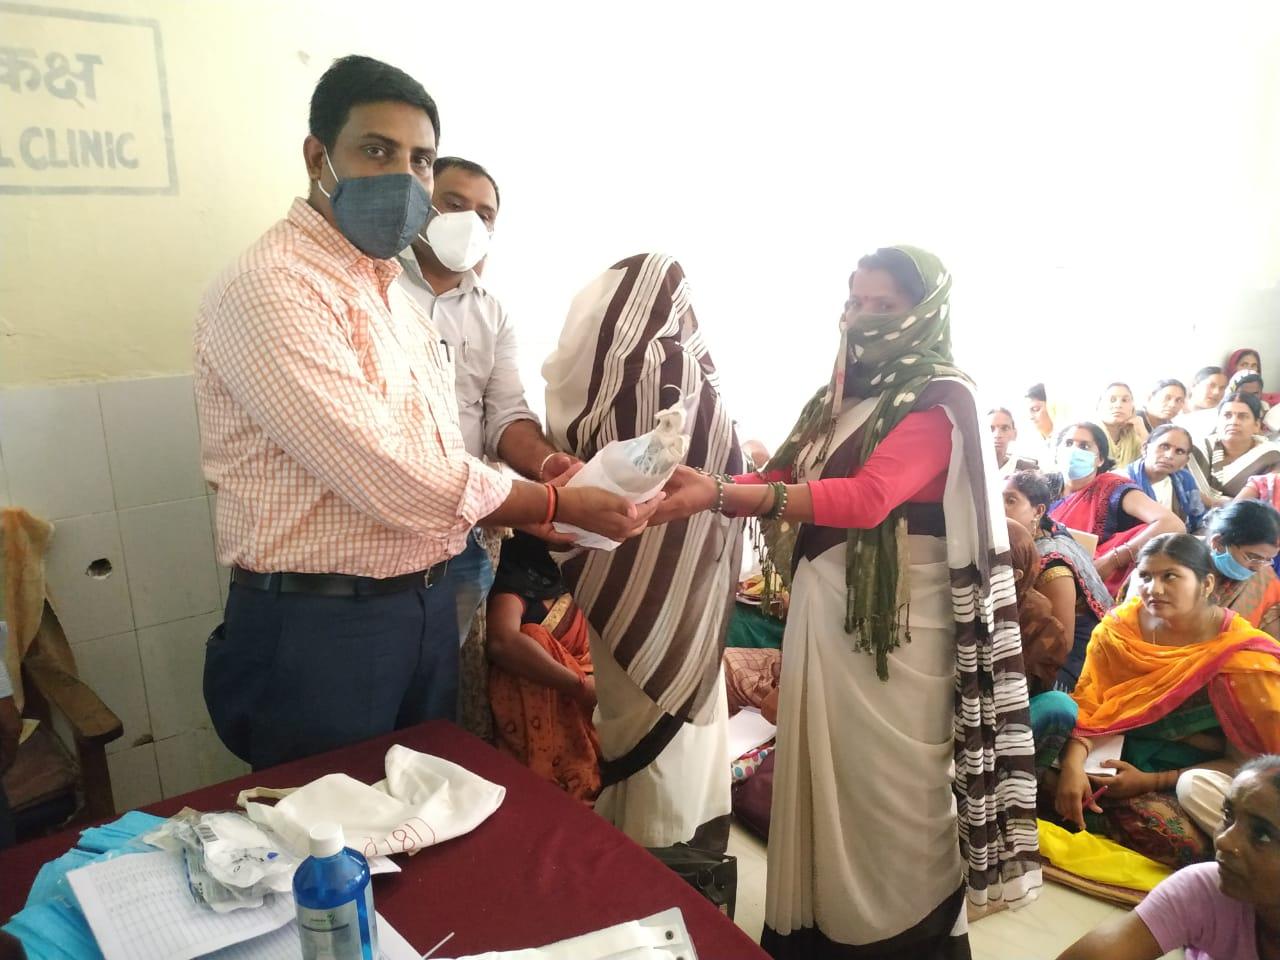 सीएचसी तुलसीपुर अधीक्षक डॉ सुमन सिंह चौहान की अध्यक्षता में हुआ कोविड किट का वितरण पढ़िए रिपोर्ट